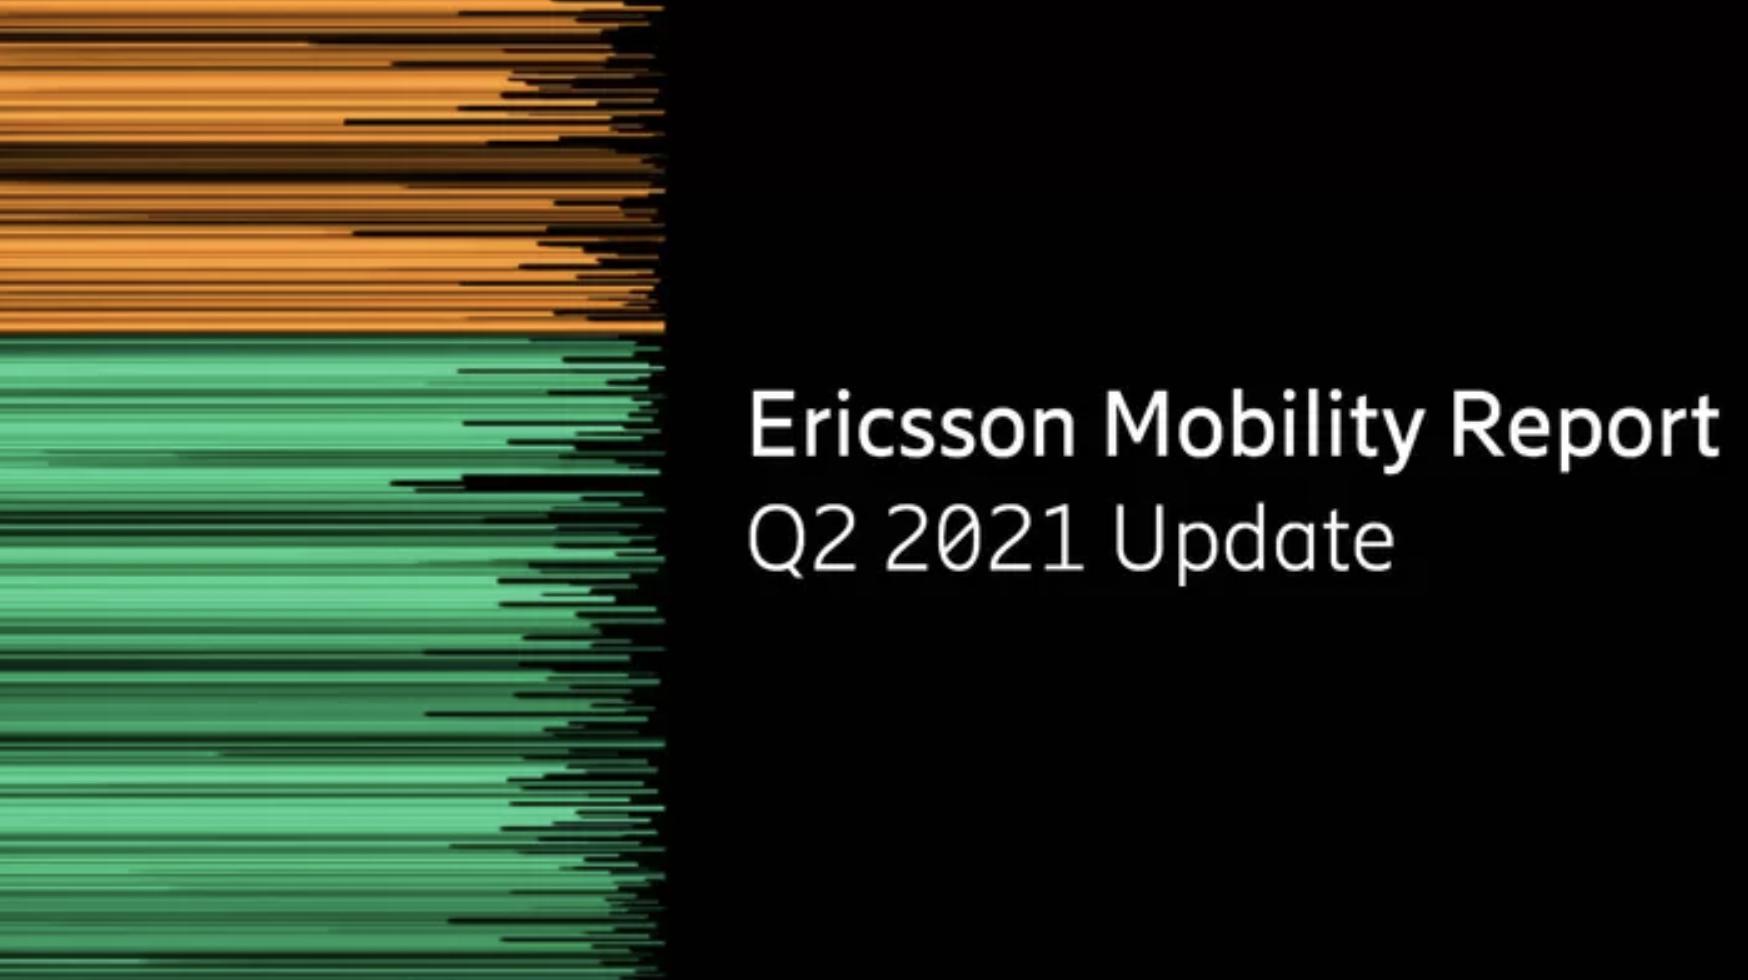 Ericsson Mobility Report: 5G wyprzedza 4G pod względem liczby nowych abonamentów